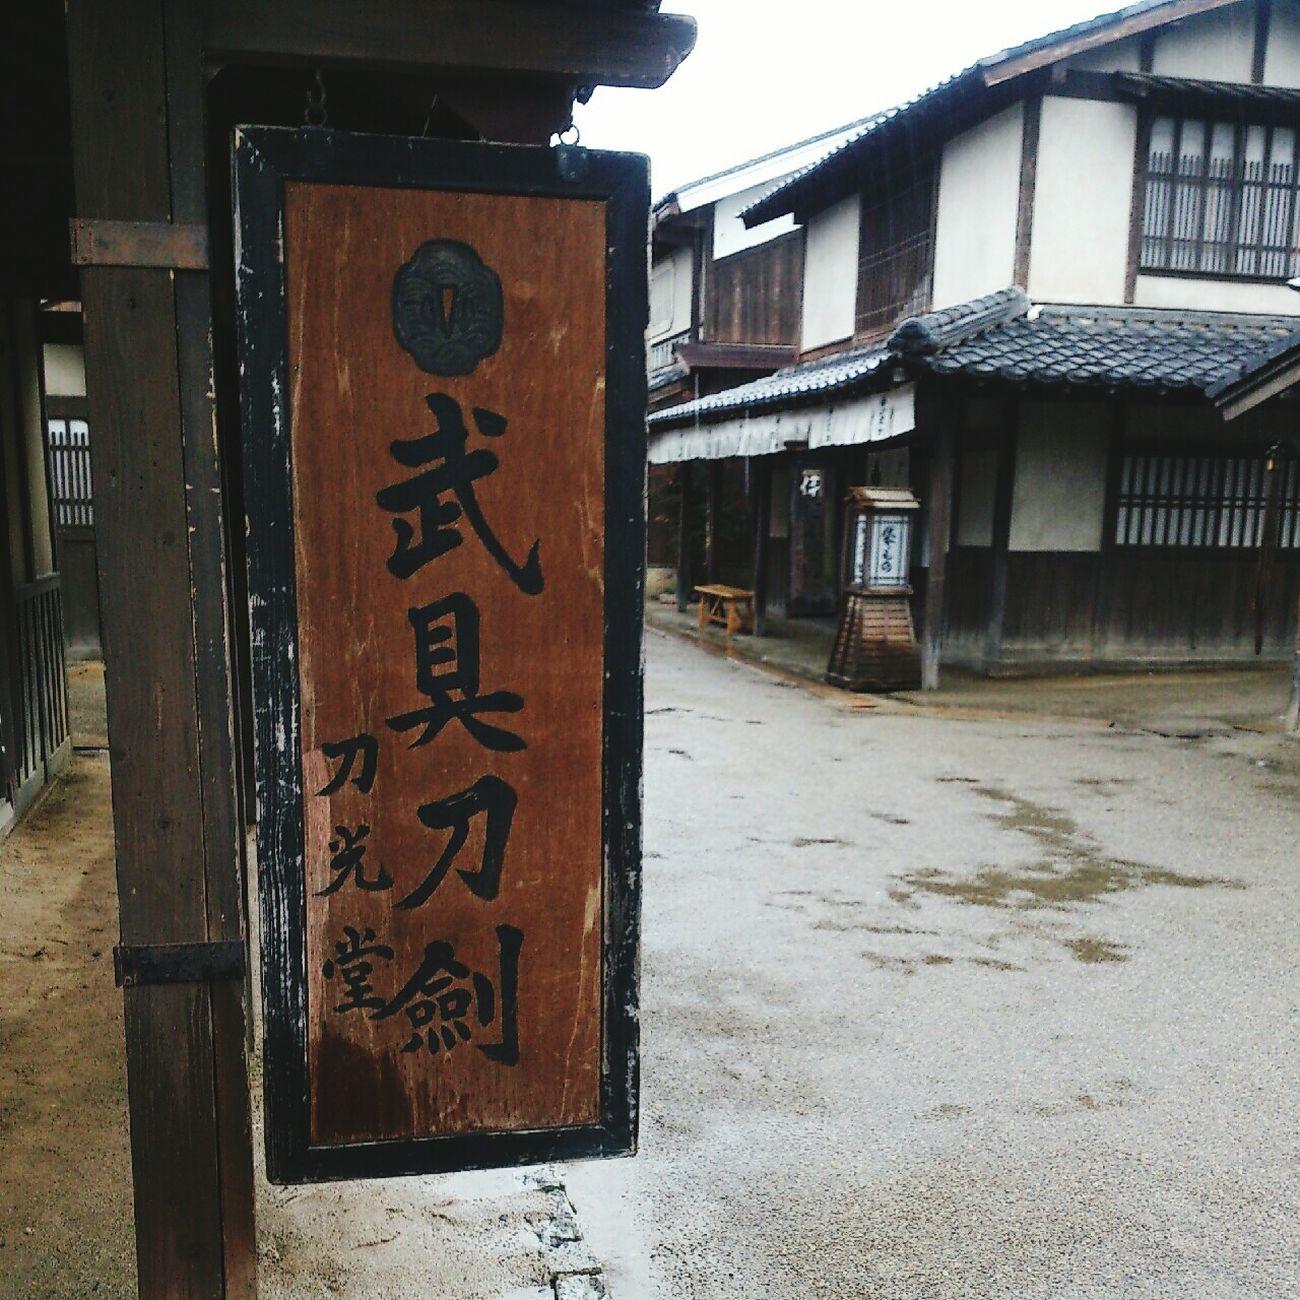 京都 Kyoto 映画村 Japan